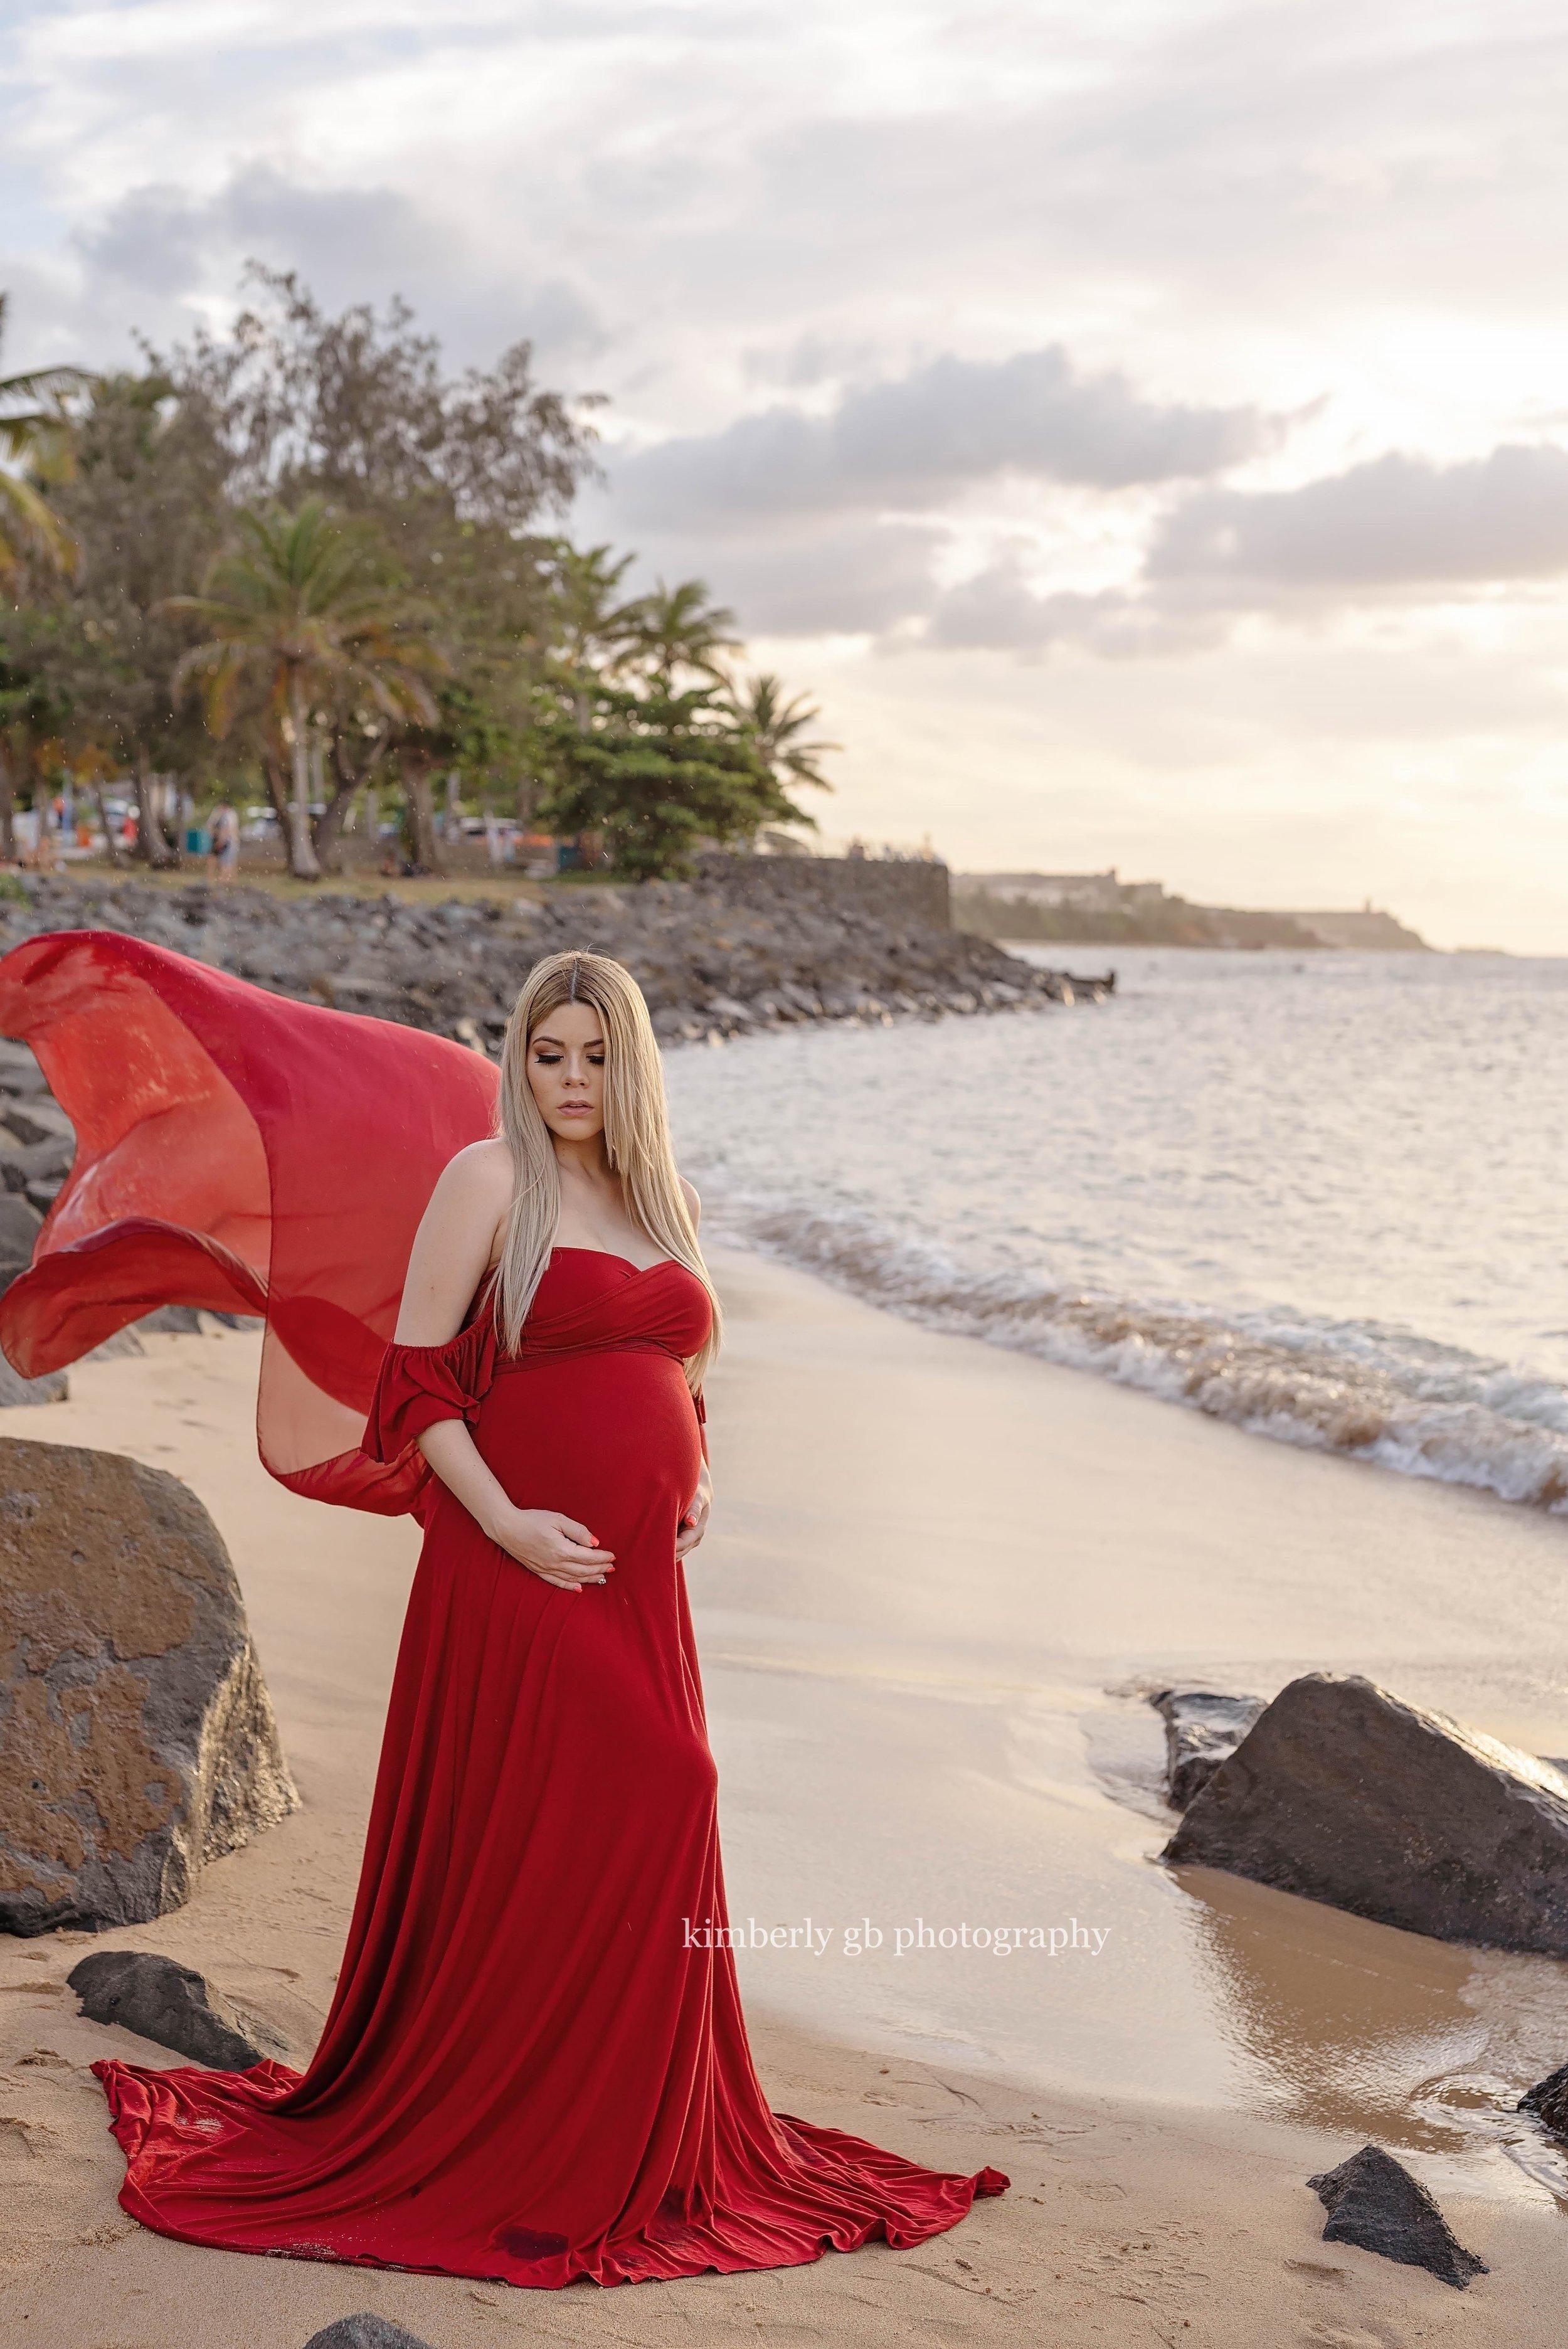 fotografia-fotografa-de-maternidad-embarazo-embarazada-en-puerto-rico-fotografia-219.jpg